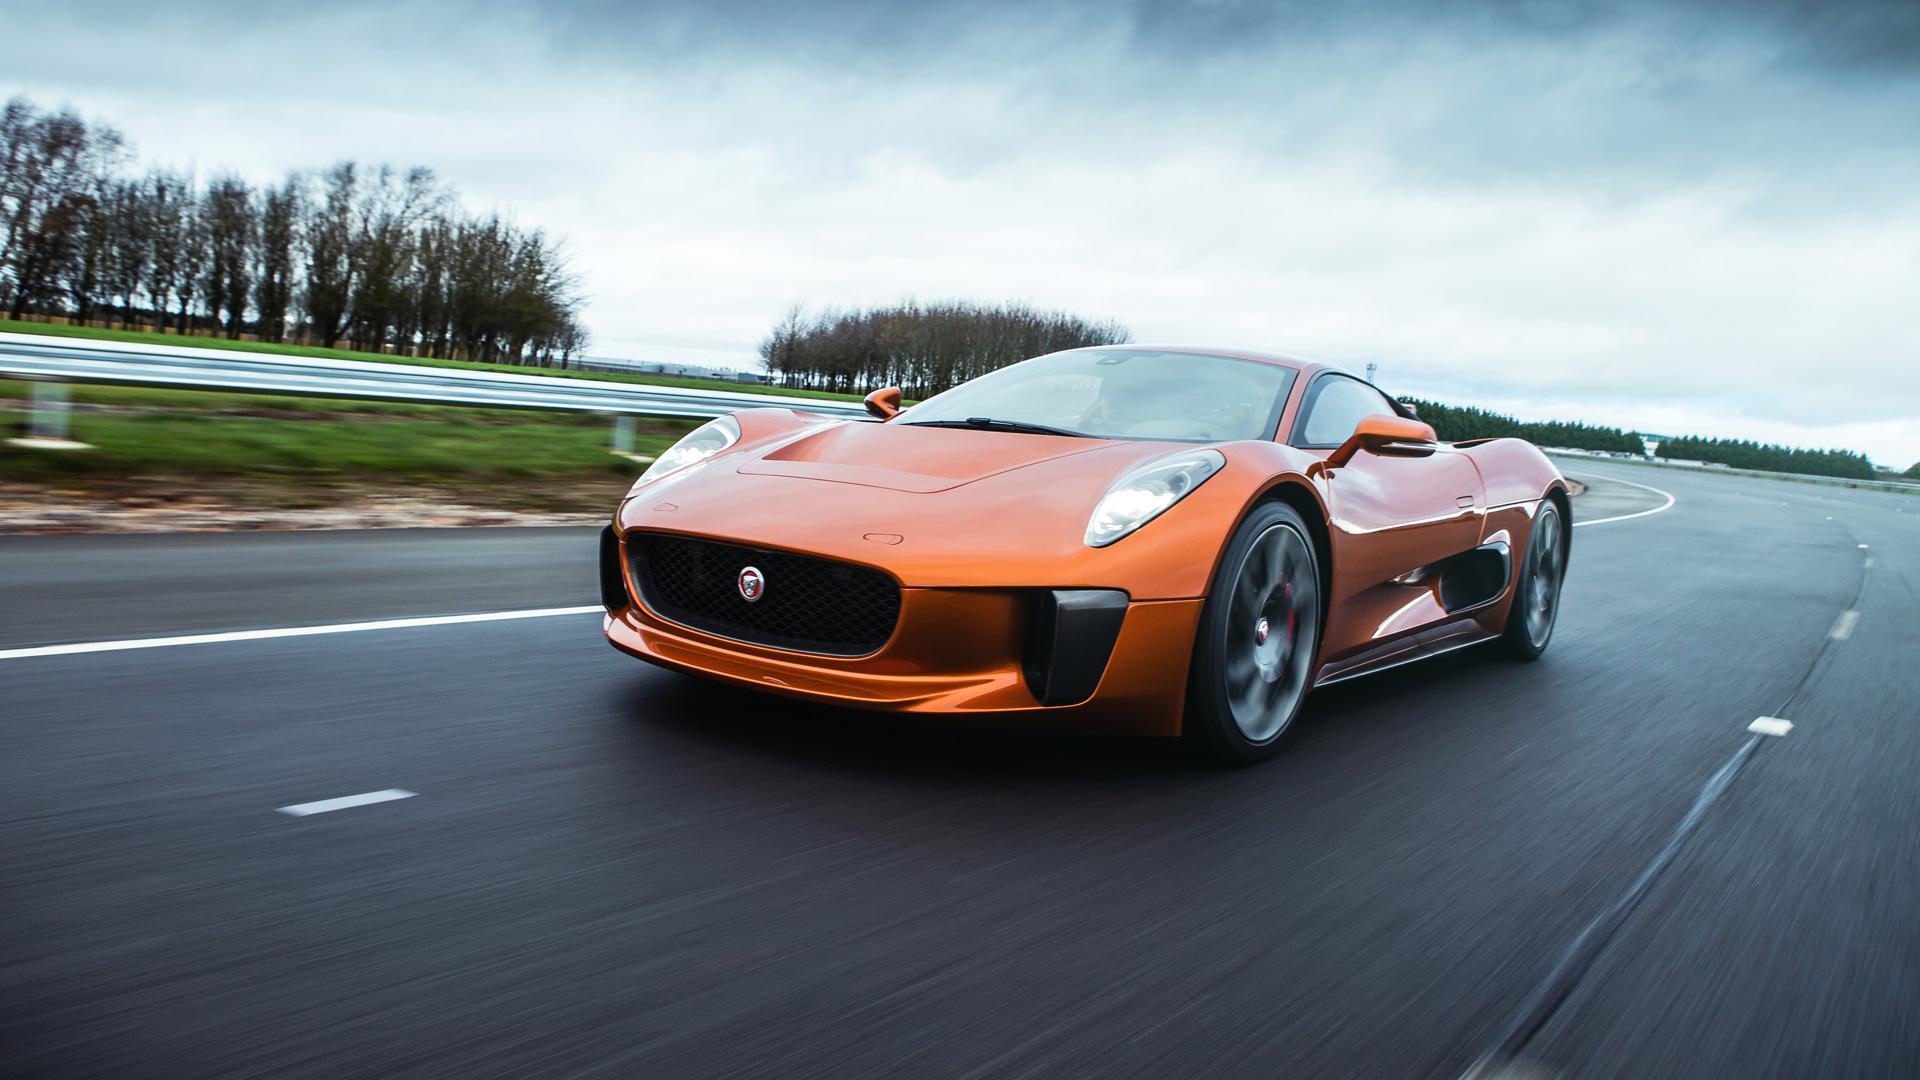 """Тест злодейского Jaguar C-X75 из """"Агента 007: Спектр"""", который так и не попал в серию. Фото 6"""